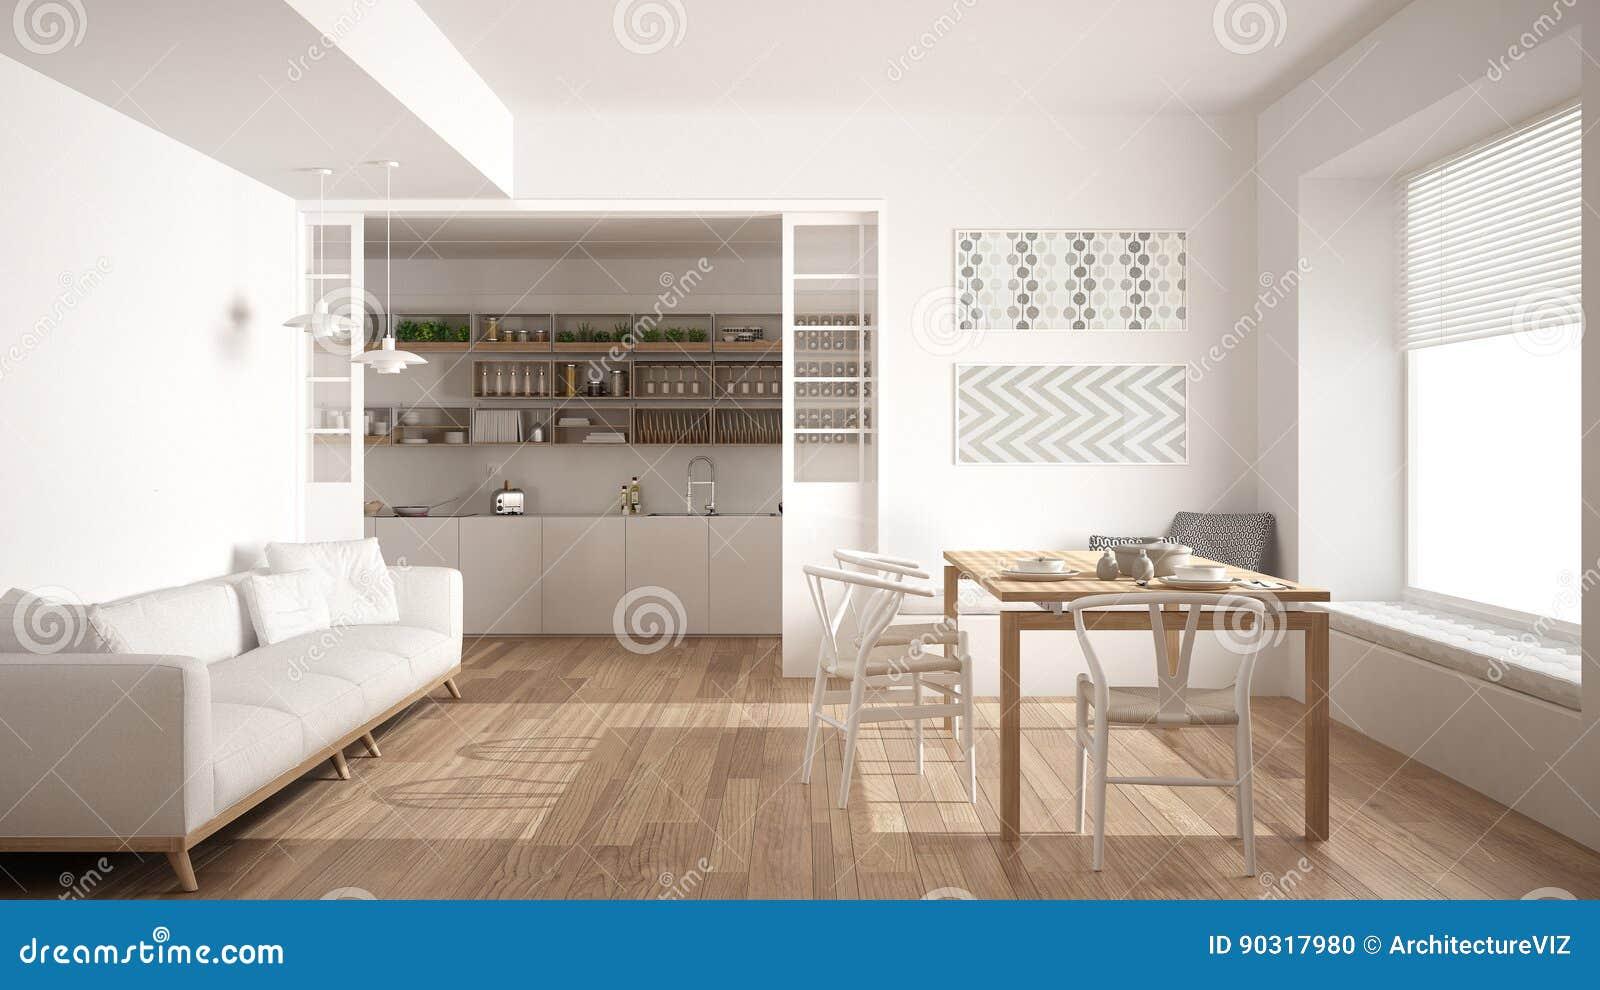 Witte Minimalistische Woonkeuken : Minimalistische keuken en woonkamer met bank lijst en